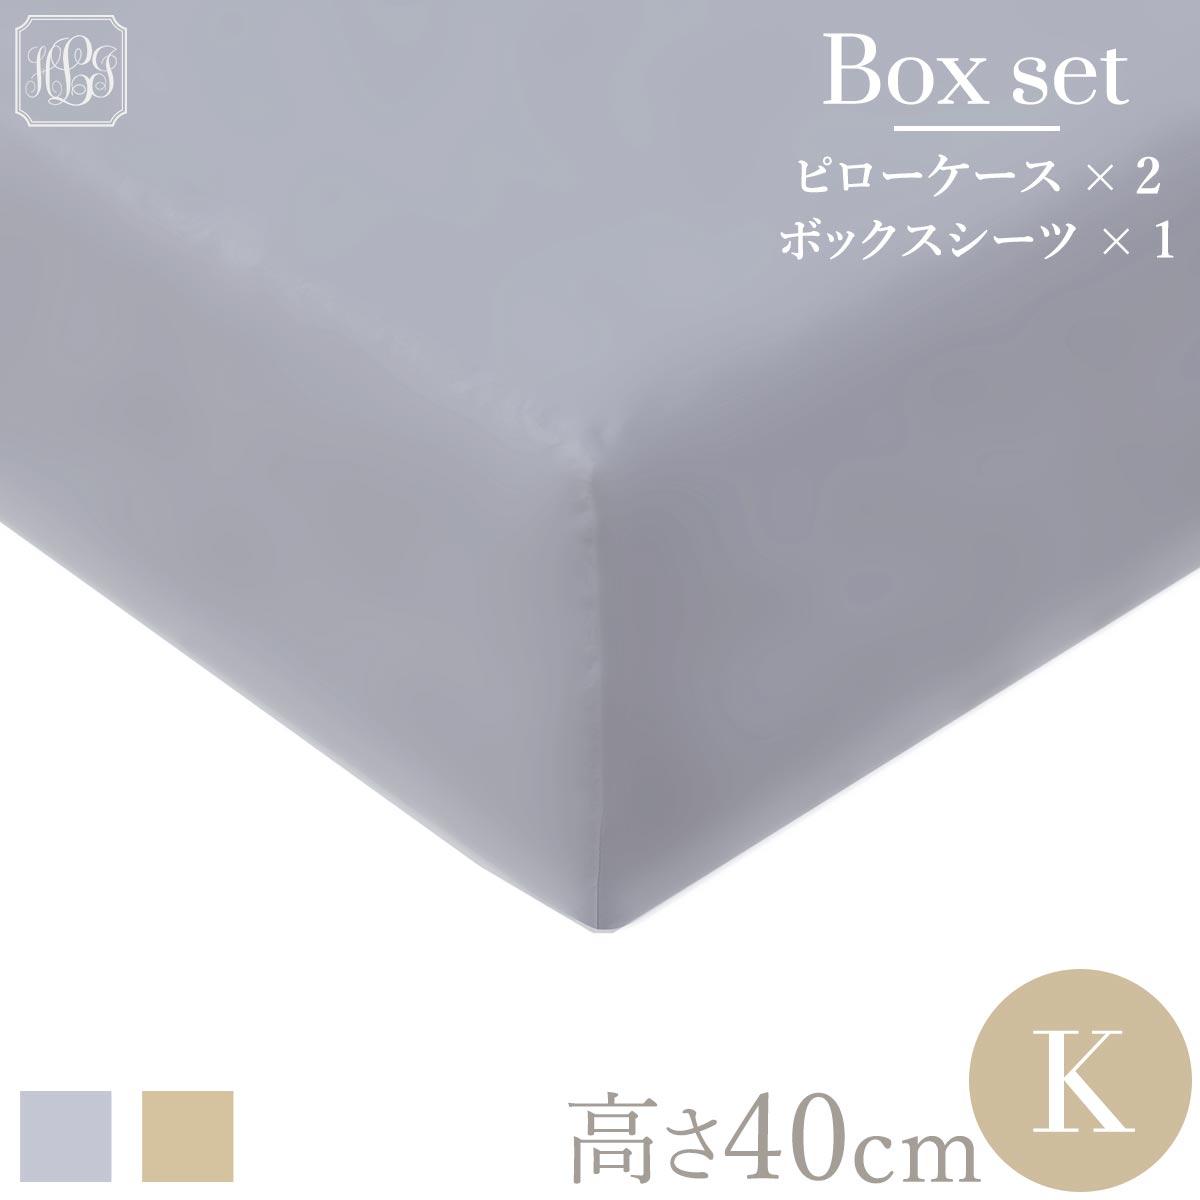 キング | 180×200cm | 高さ40cm | ボックスシーツ1枚 | 包み型スタンダード枕カバー2枚 | 500TC コットンサテンリュクス